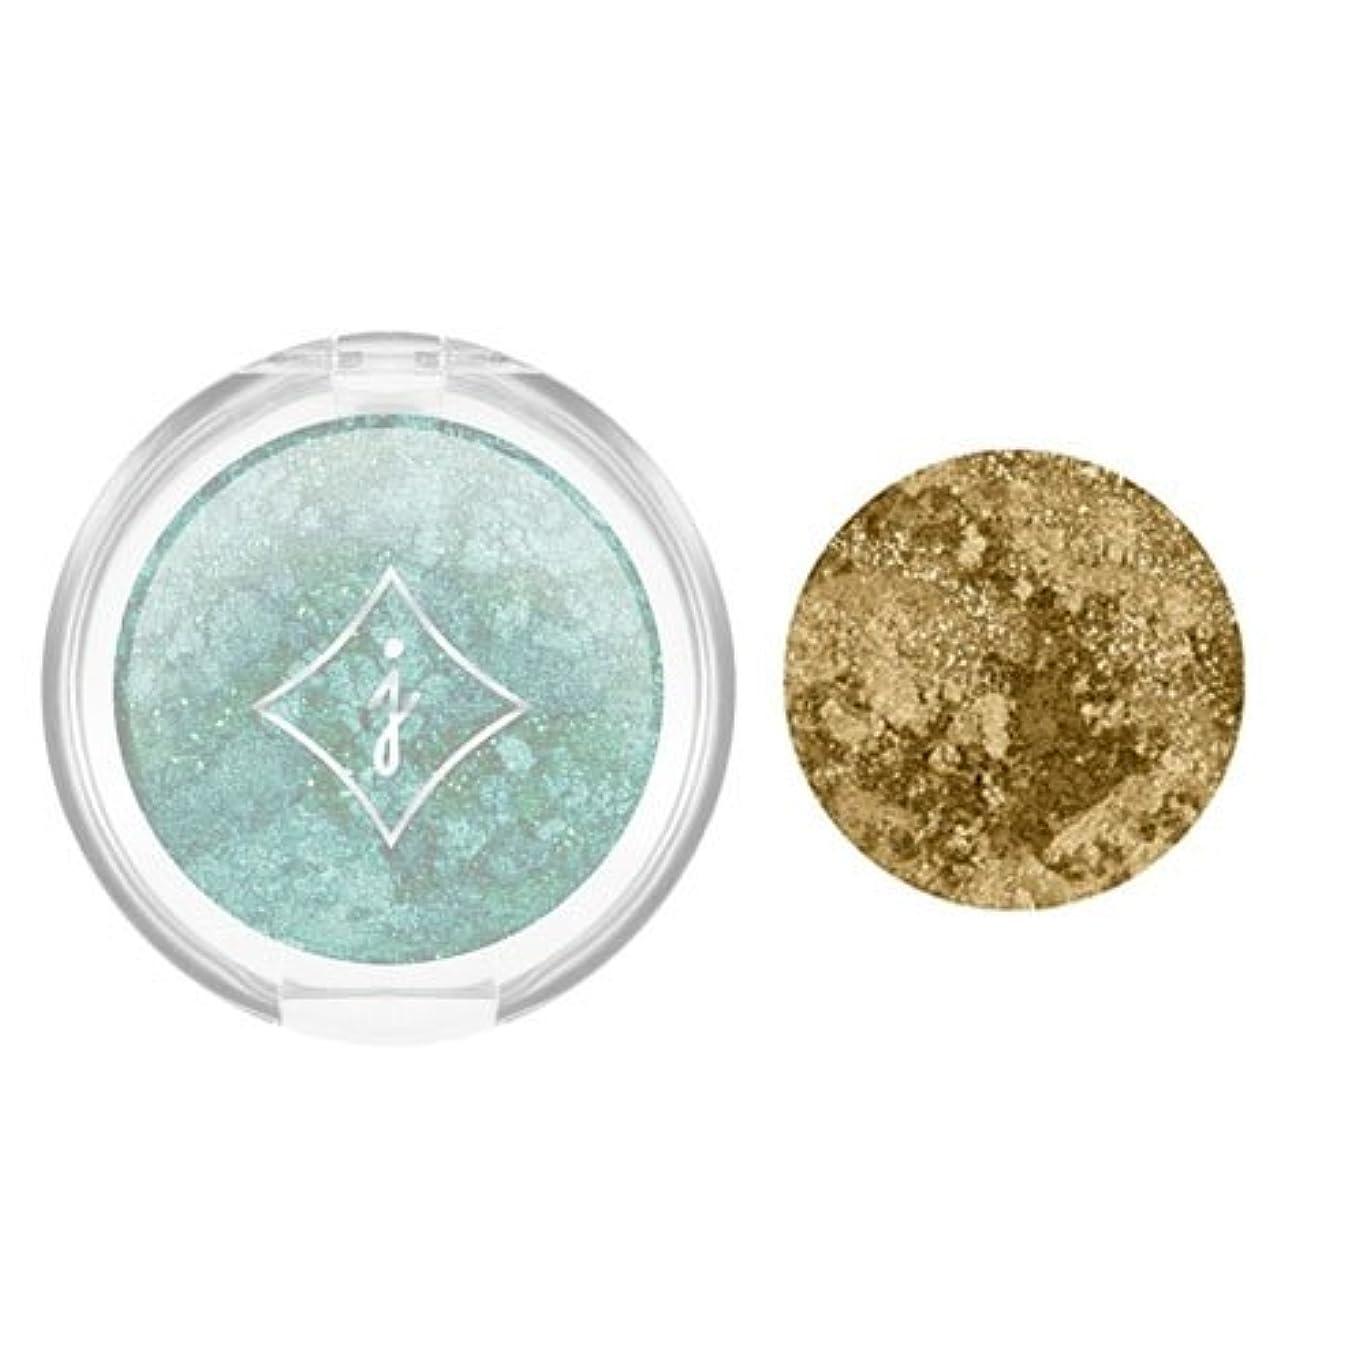 見捨てられた大臣締めるJORDANA Eye Glitz Sparkling Cream Eyeshadow - Gold Gleam (並行輸入品)